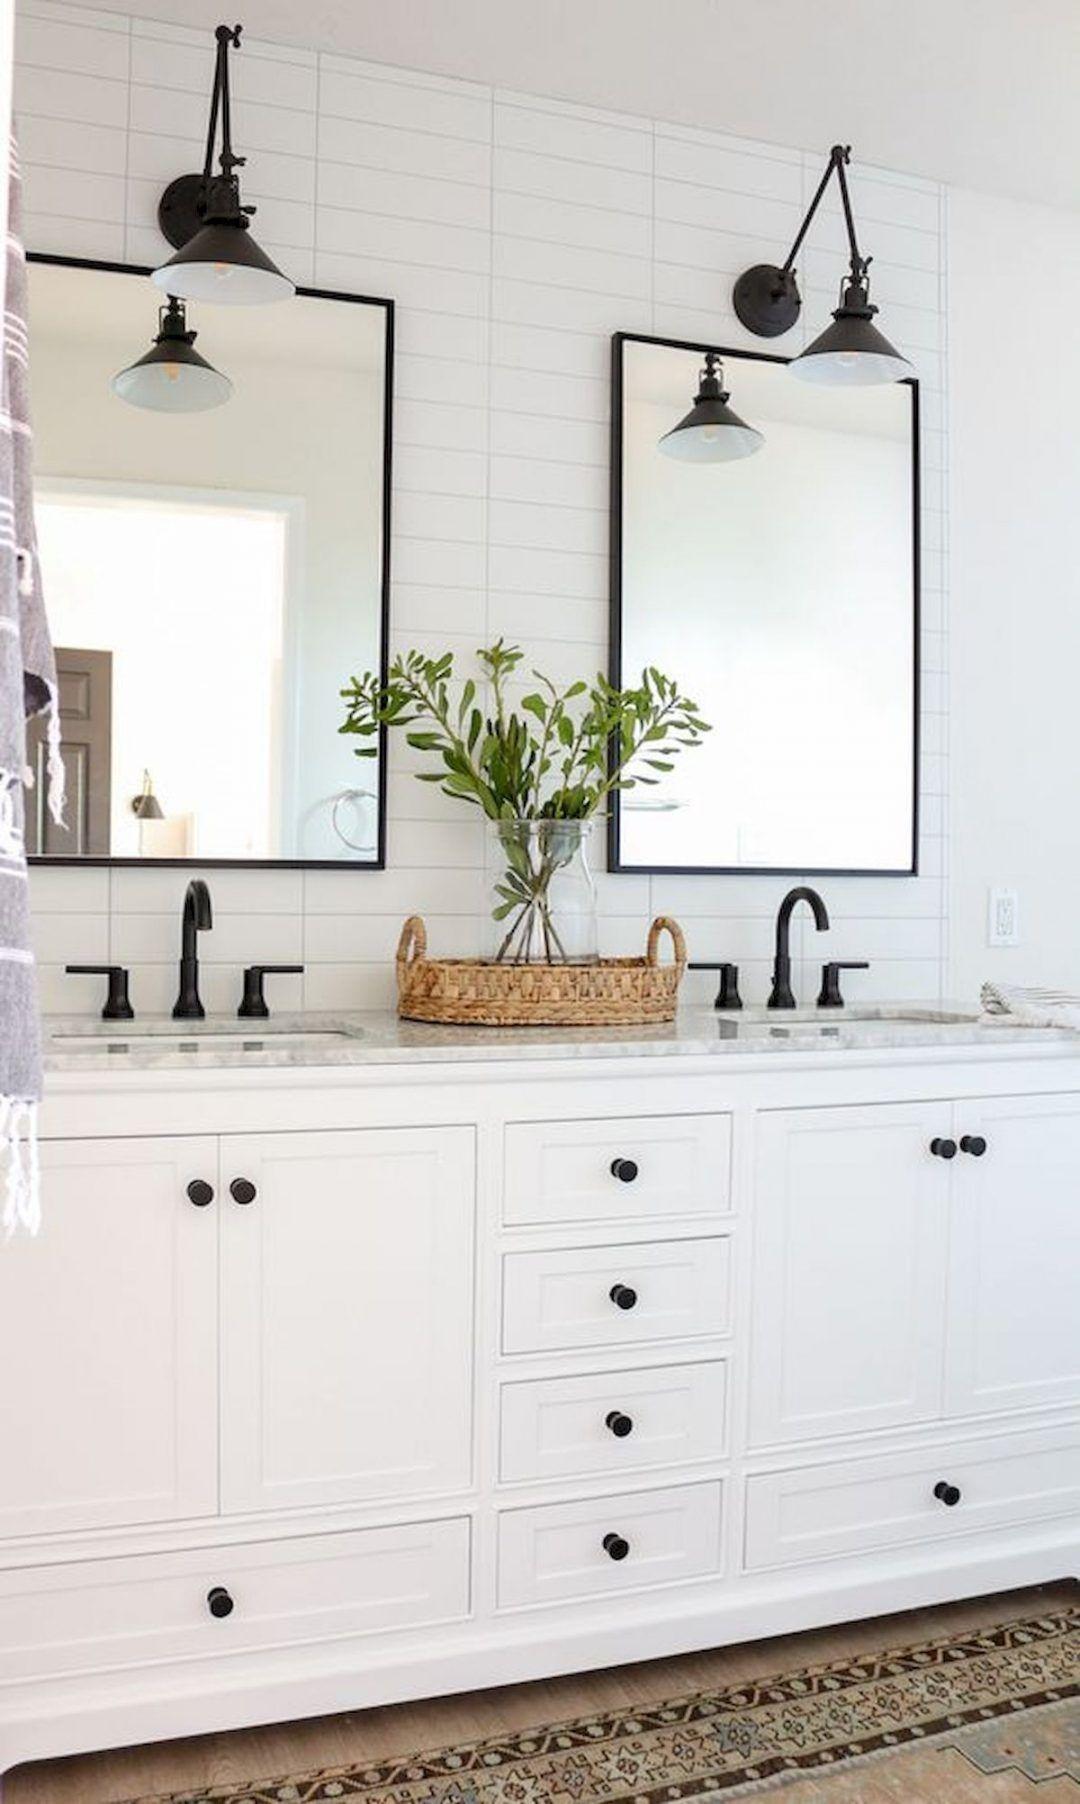 25 Farmhouse Bathroom Ideas For Bathroom Remodel - M18